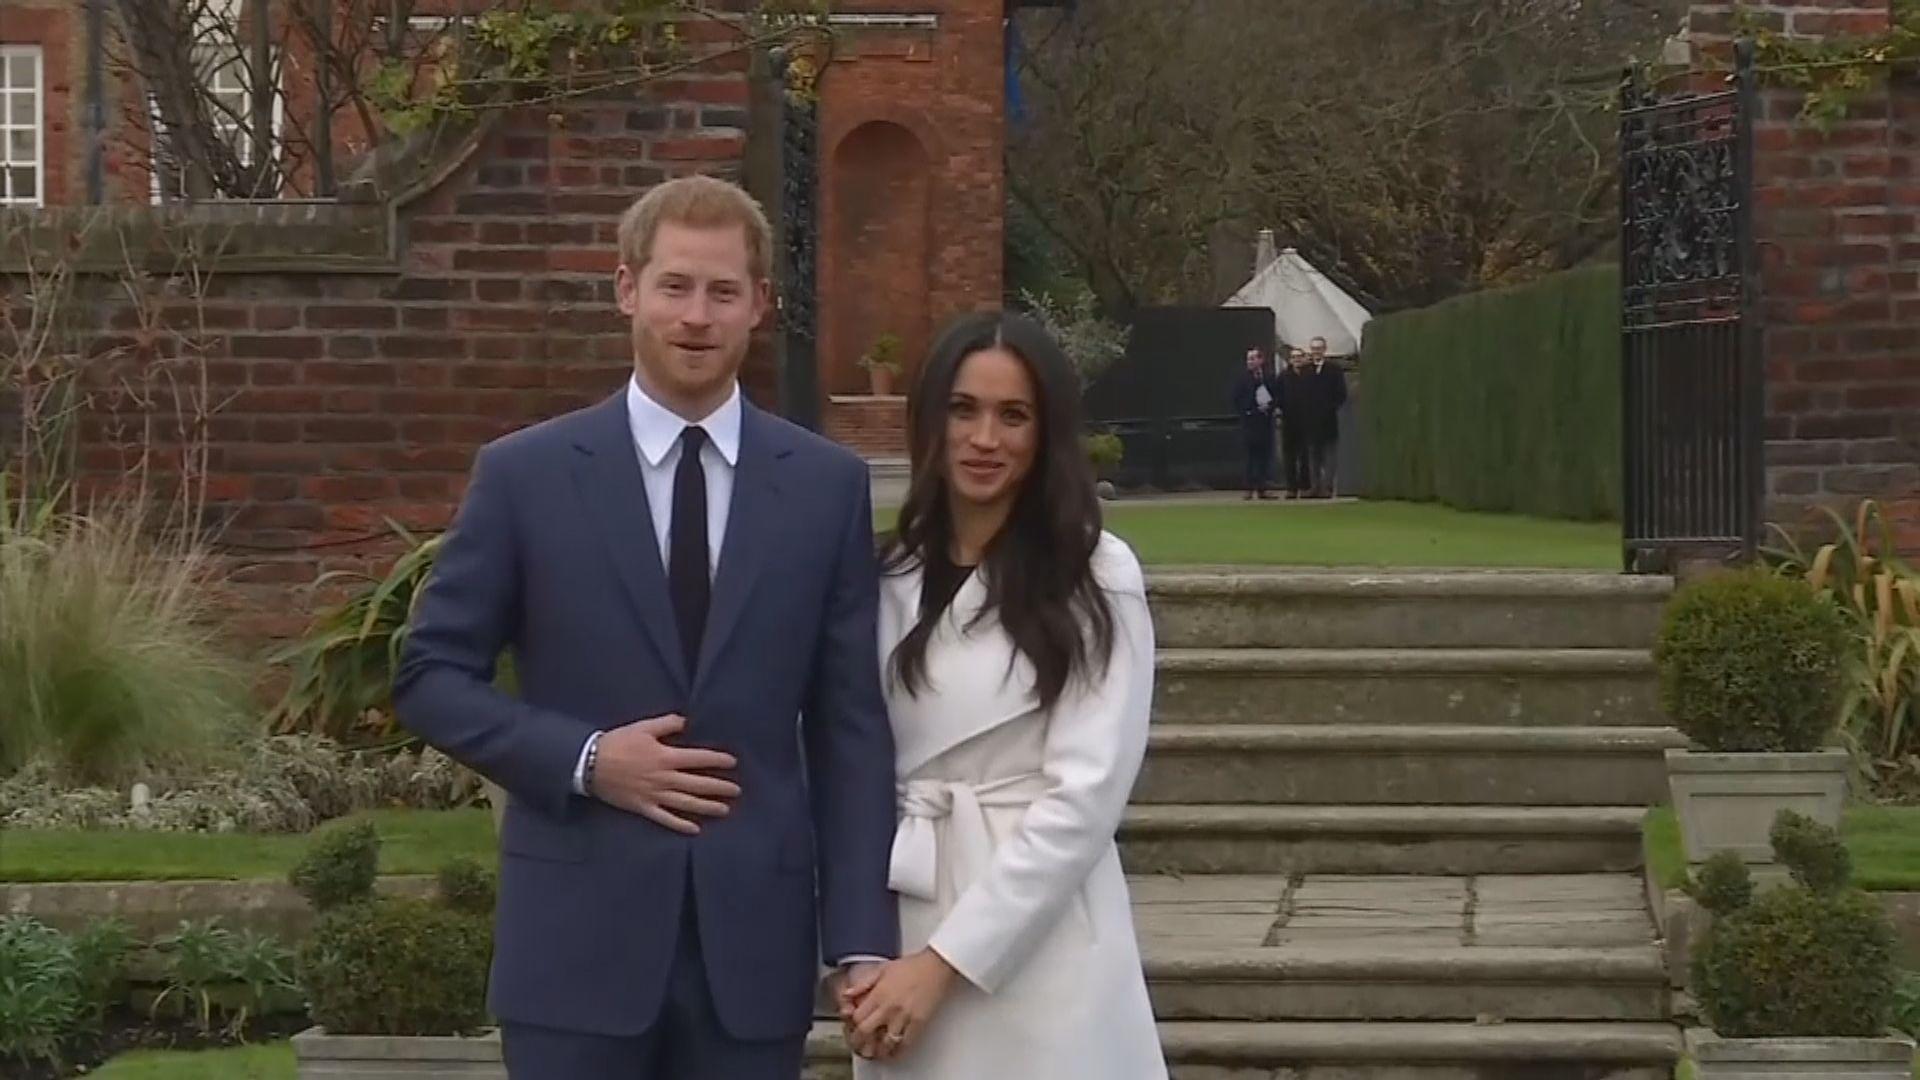 【專訪控訴】梅根表示王室生活令她一度想尋短見